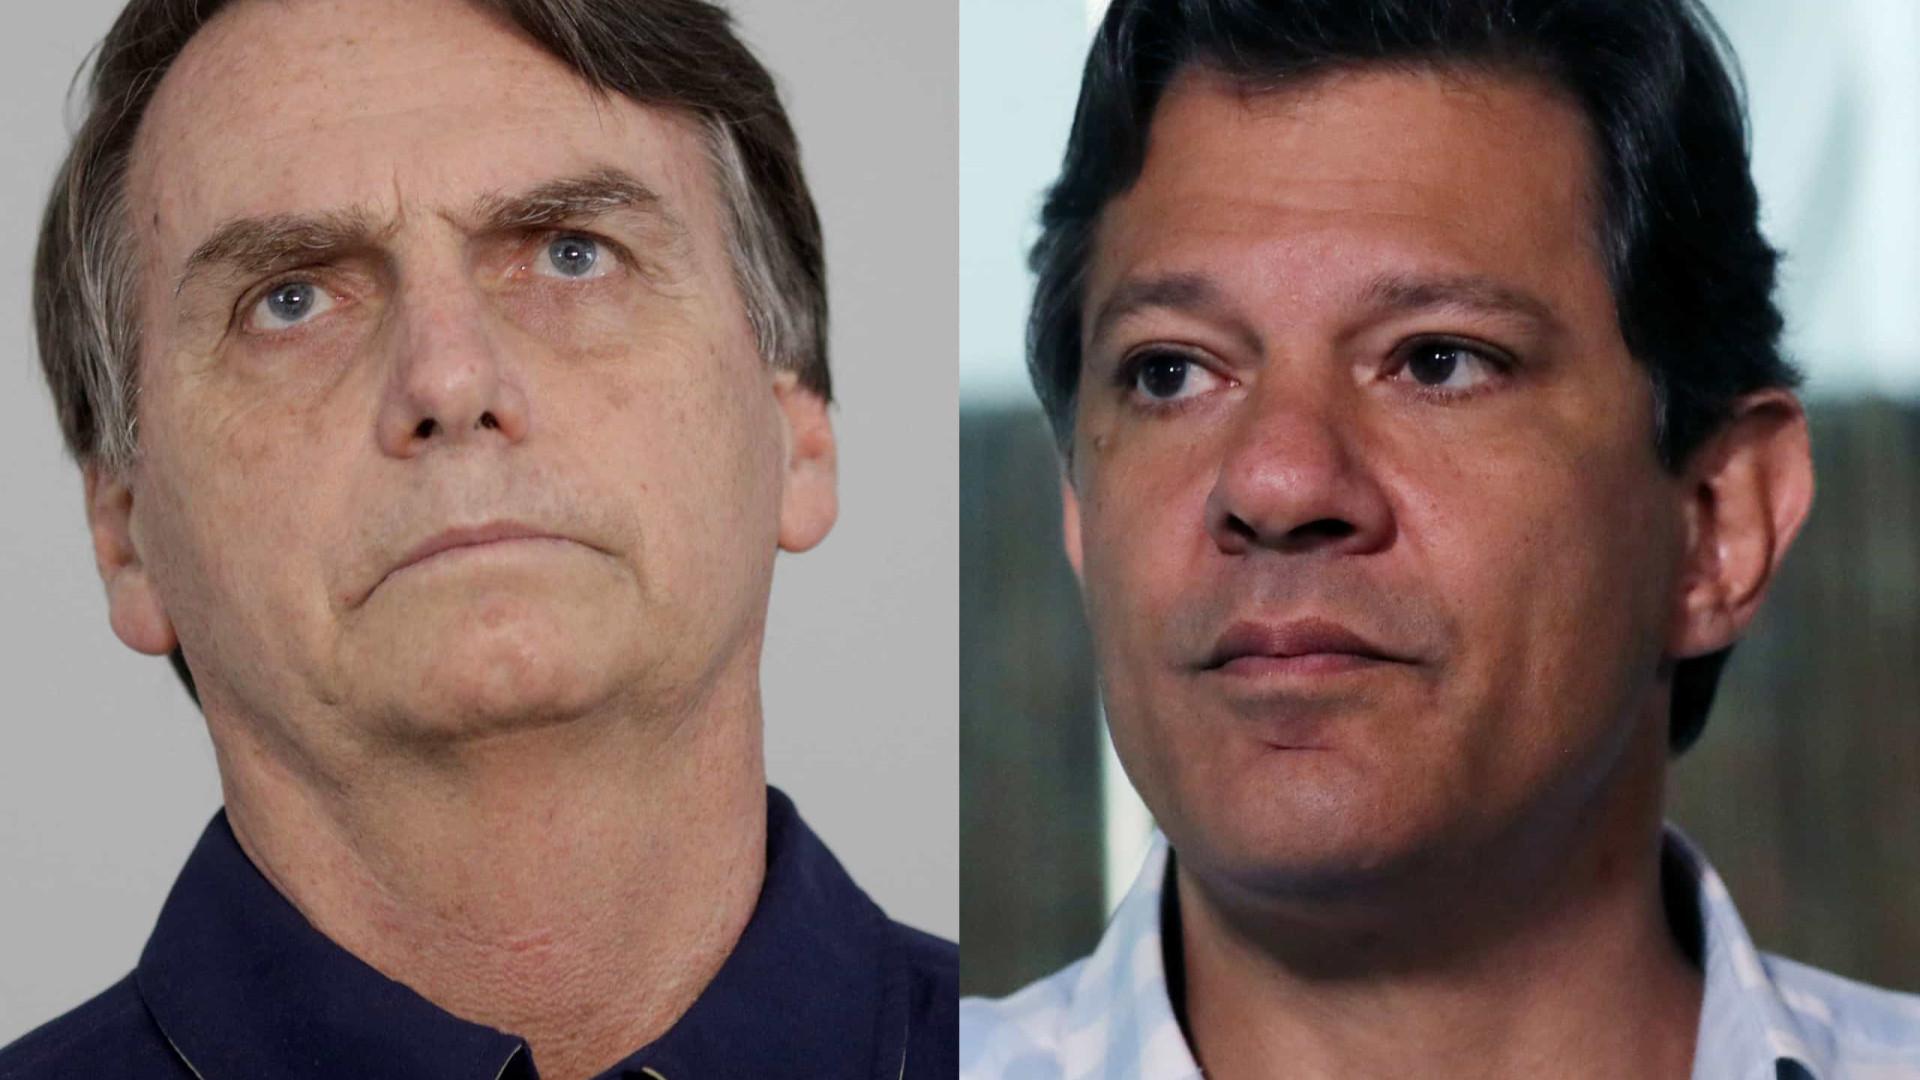 Se eleição fosse hoje, Haddad venceria Bolsonaro por 42% a 36%